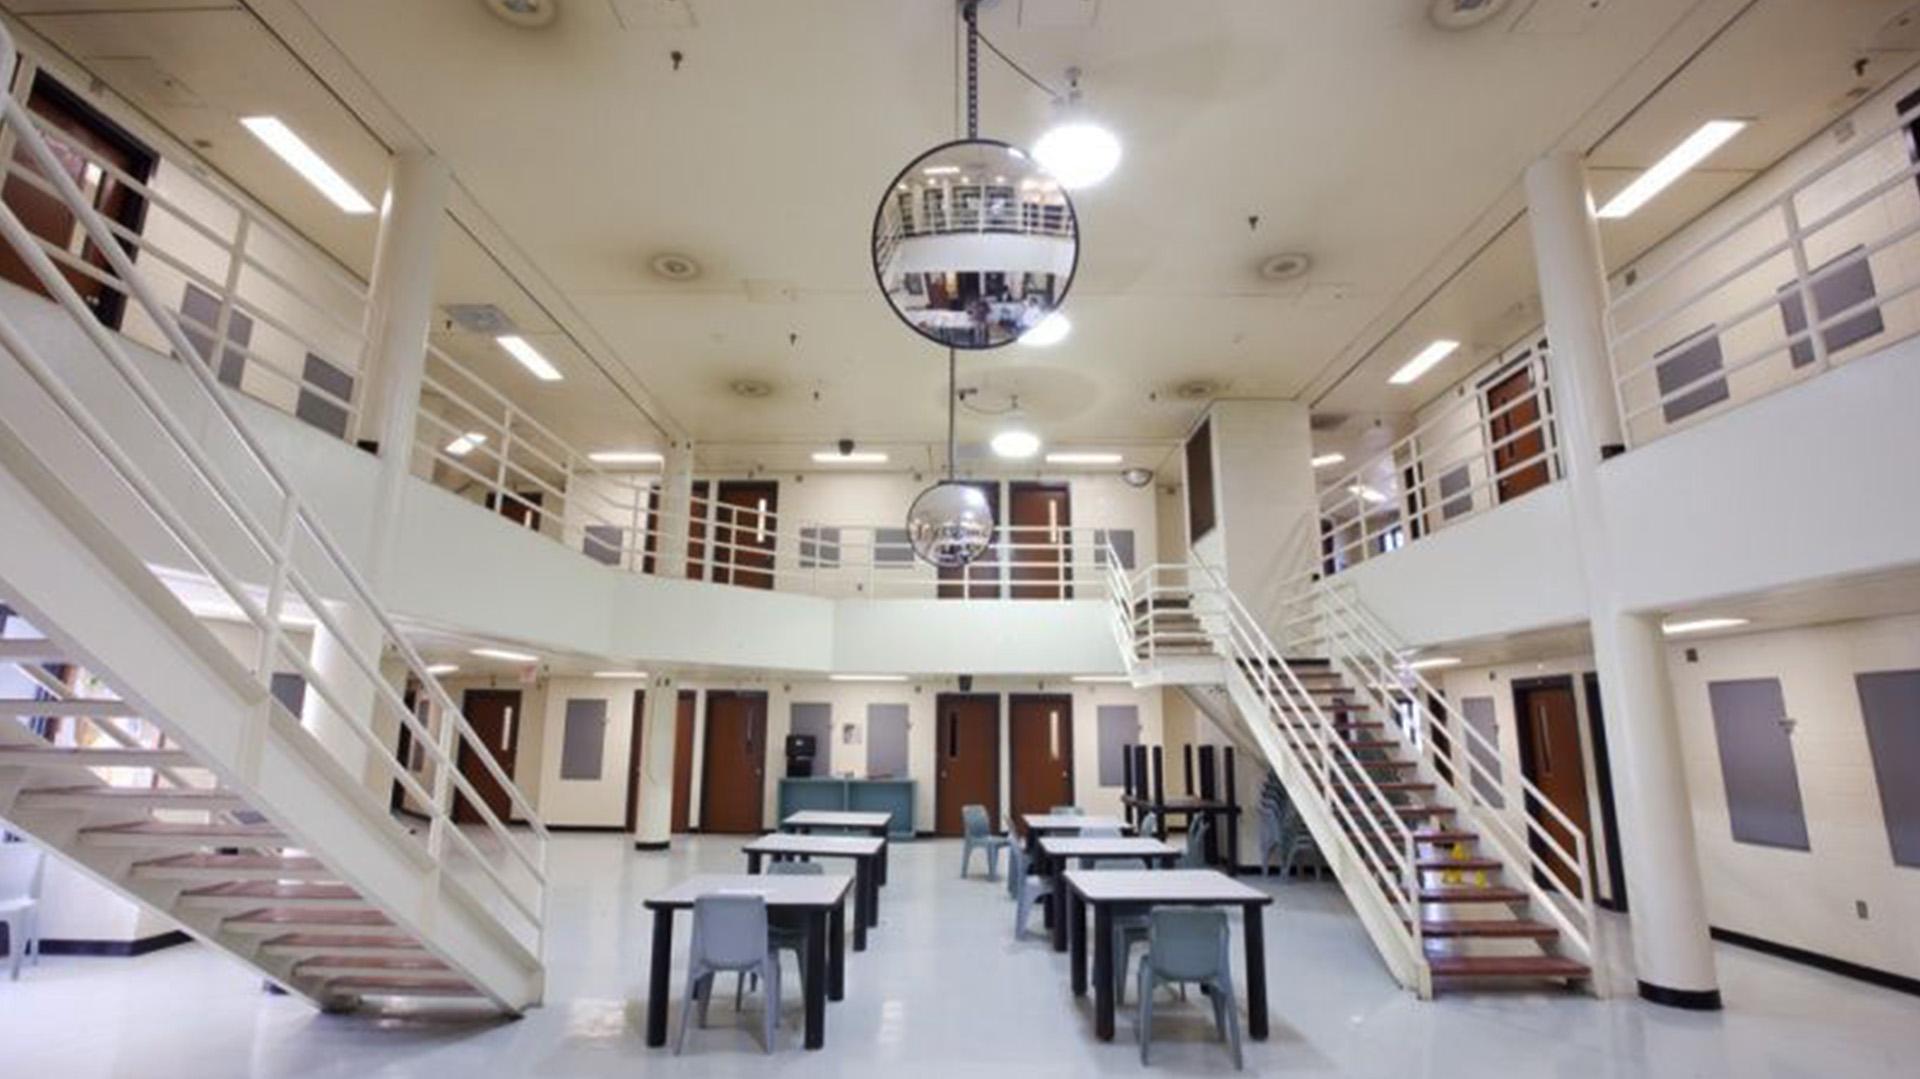 La mujer señaló que los reos aprovechaban los estrechos pasillos de la cárcel para mostrar conductas sexuales inadecuadas (Foto: Especial)